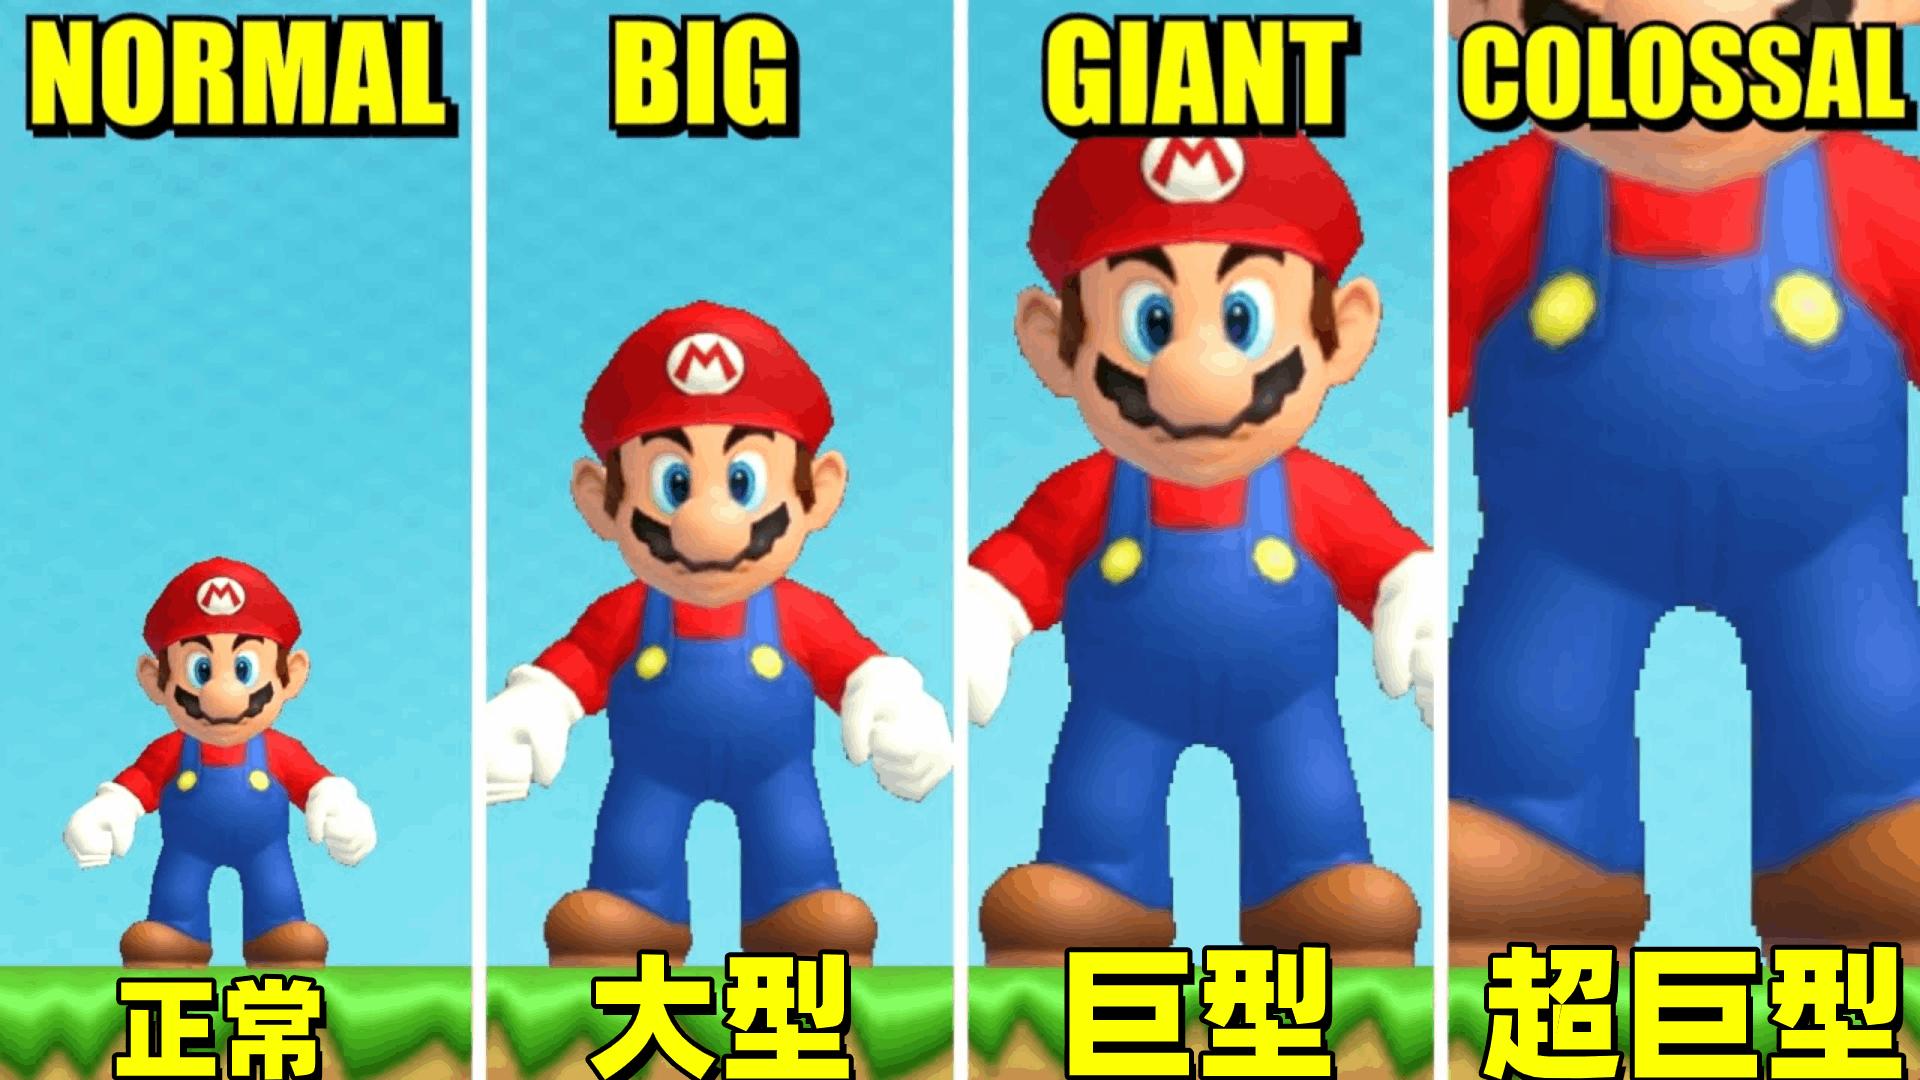 新超级马里奥兄弟Wii:从迷你到超巨型,马里奥经历了些什么?